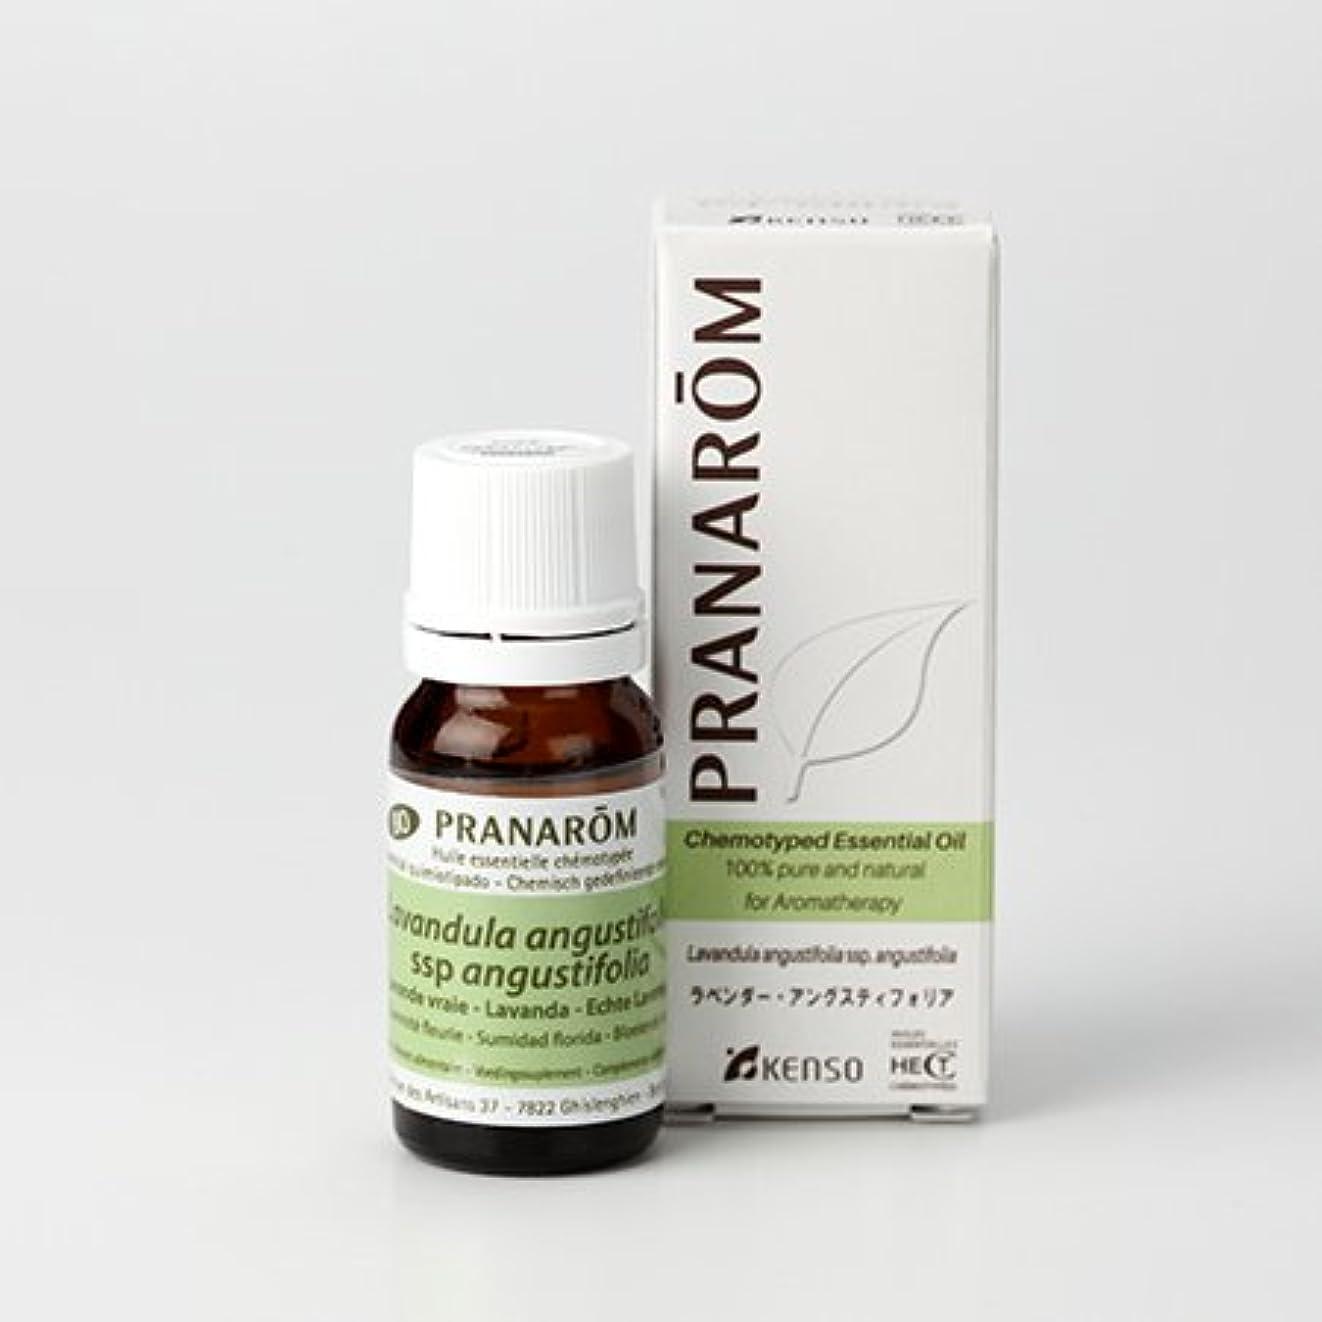 キャンペーン製油所対称プラナロム精油/ラベンダー?アングスティフォリア?エッセンシャルオイル